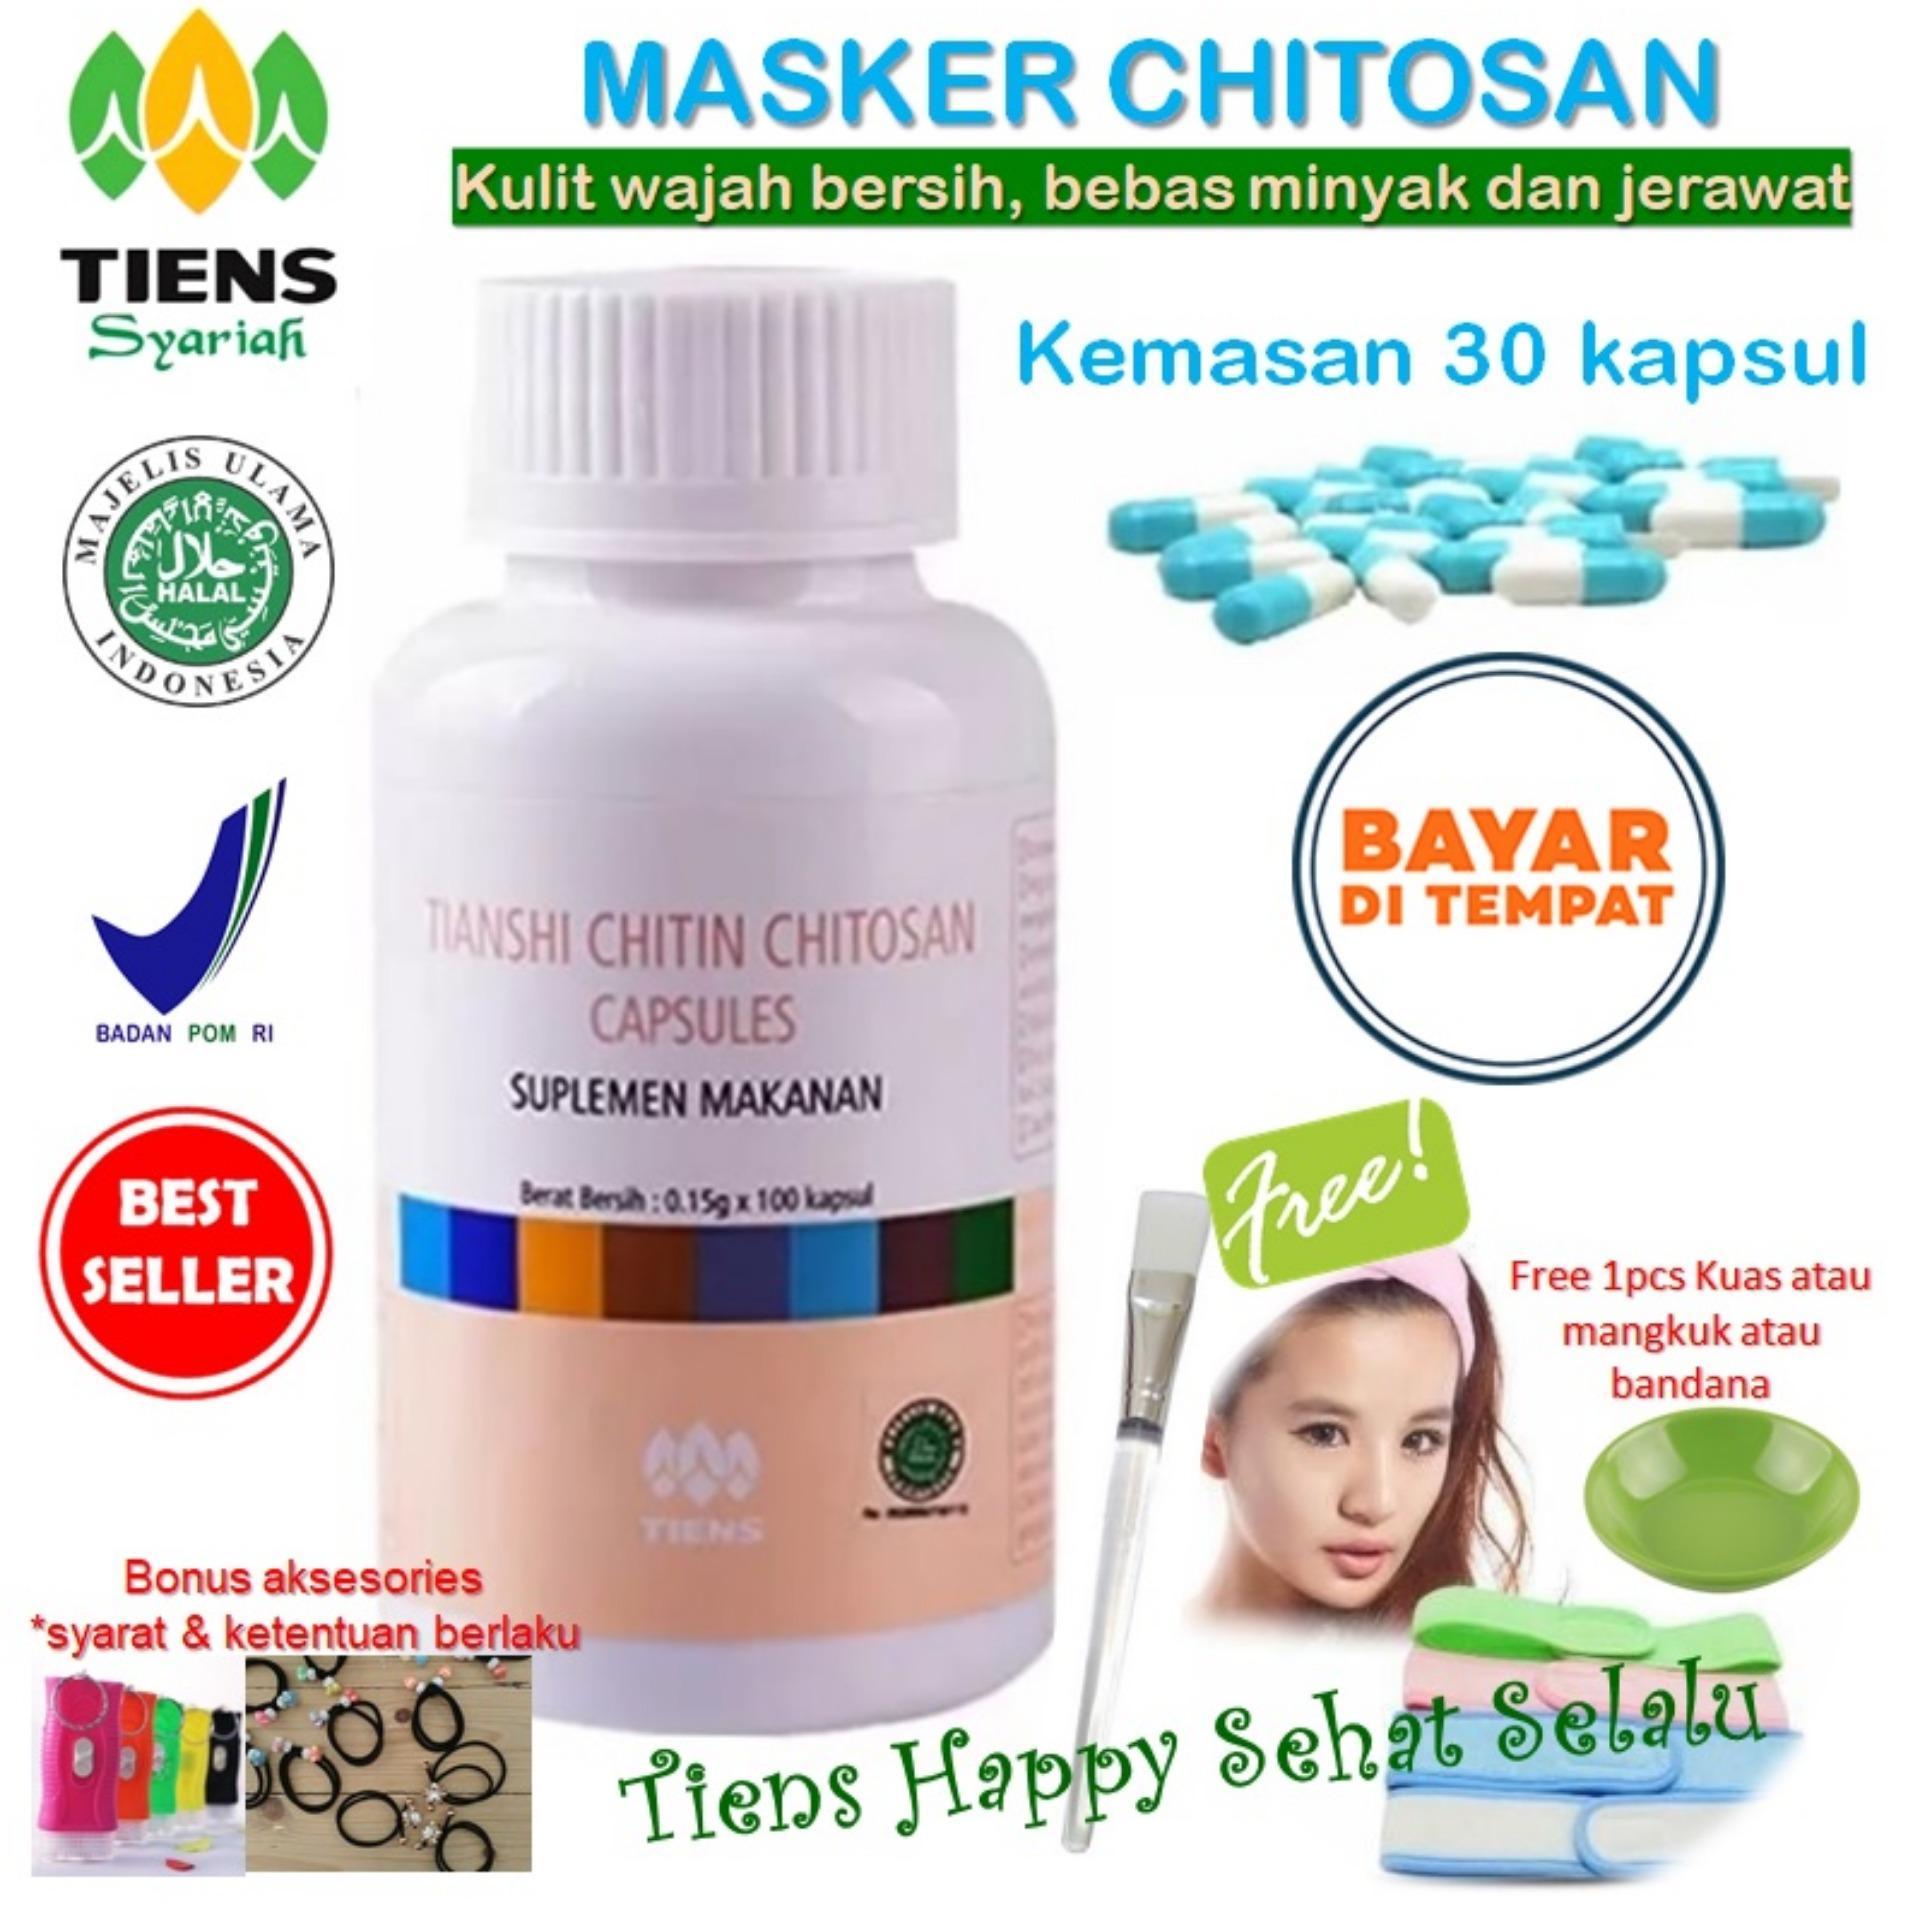 Ongkos Kirim Tiens Masker Chitosan Herbal Anti Jerawat Paket 30 Kapsul Tiens Happy Gratis Kuas Di Indonesia